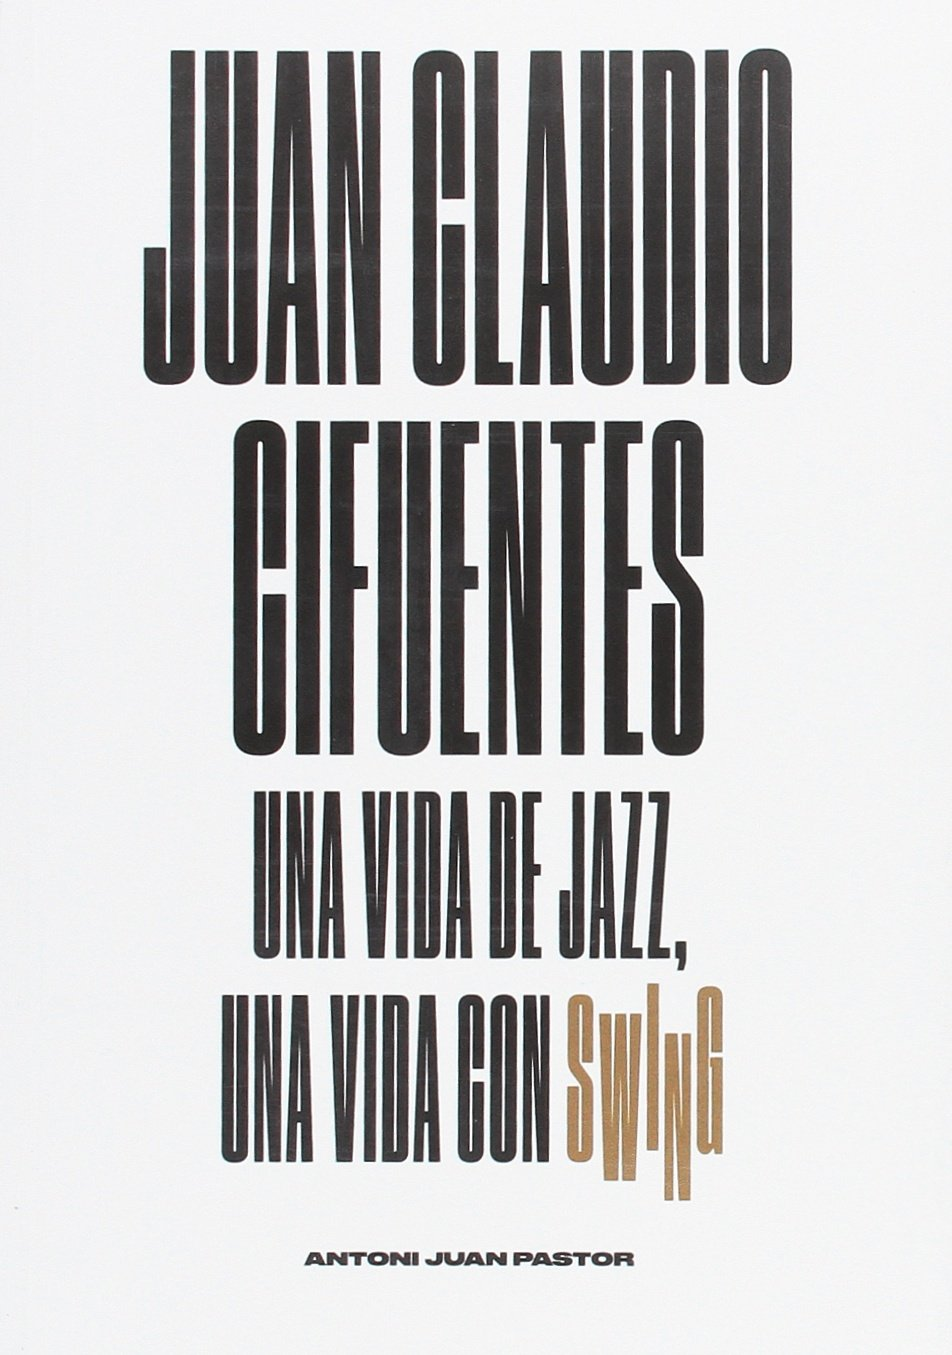 Juan Claudio Cifuentes: Una vida de jazz, una vida con swing: Amazon.es: Juan Pastor, Antoni: Libros